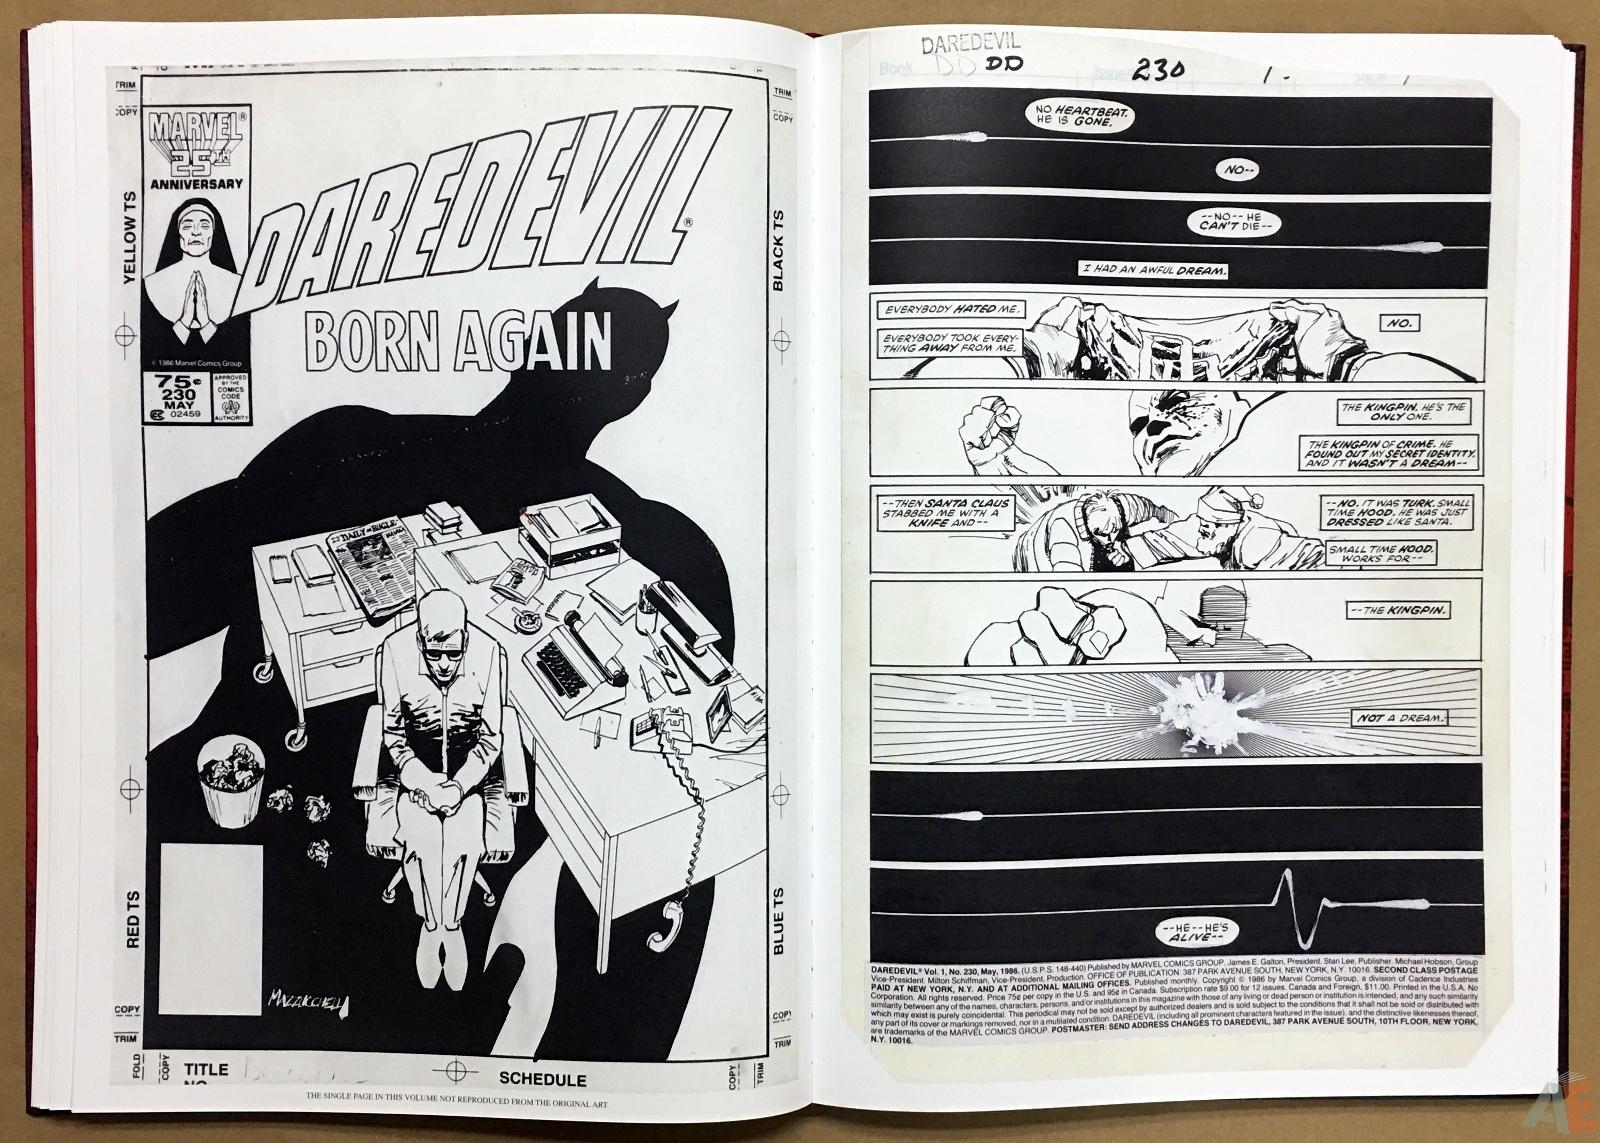 David Mazzucchelli's Daredevil Born Again: Artist's Edition 24